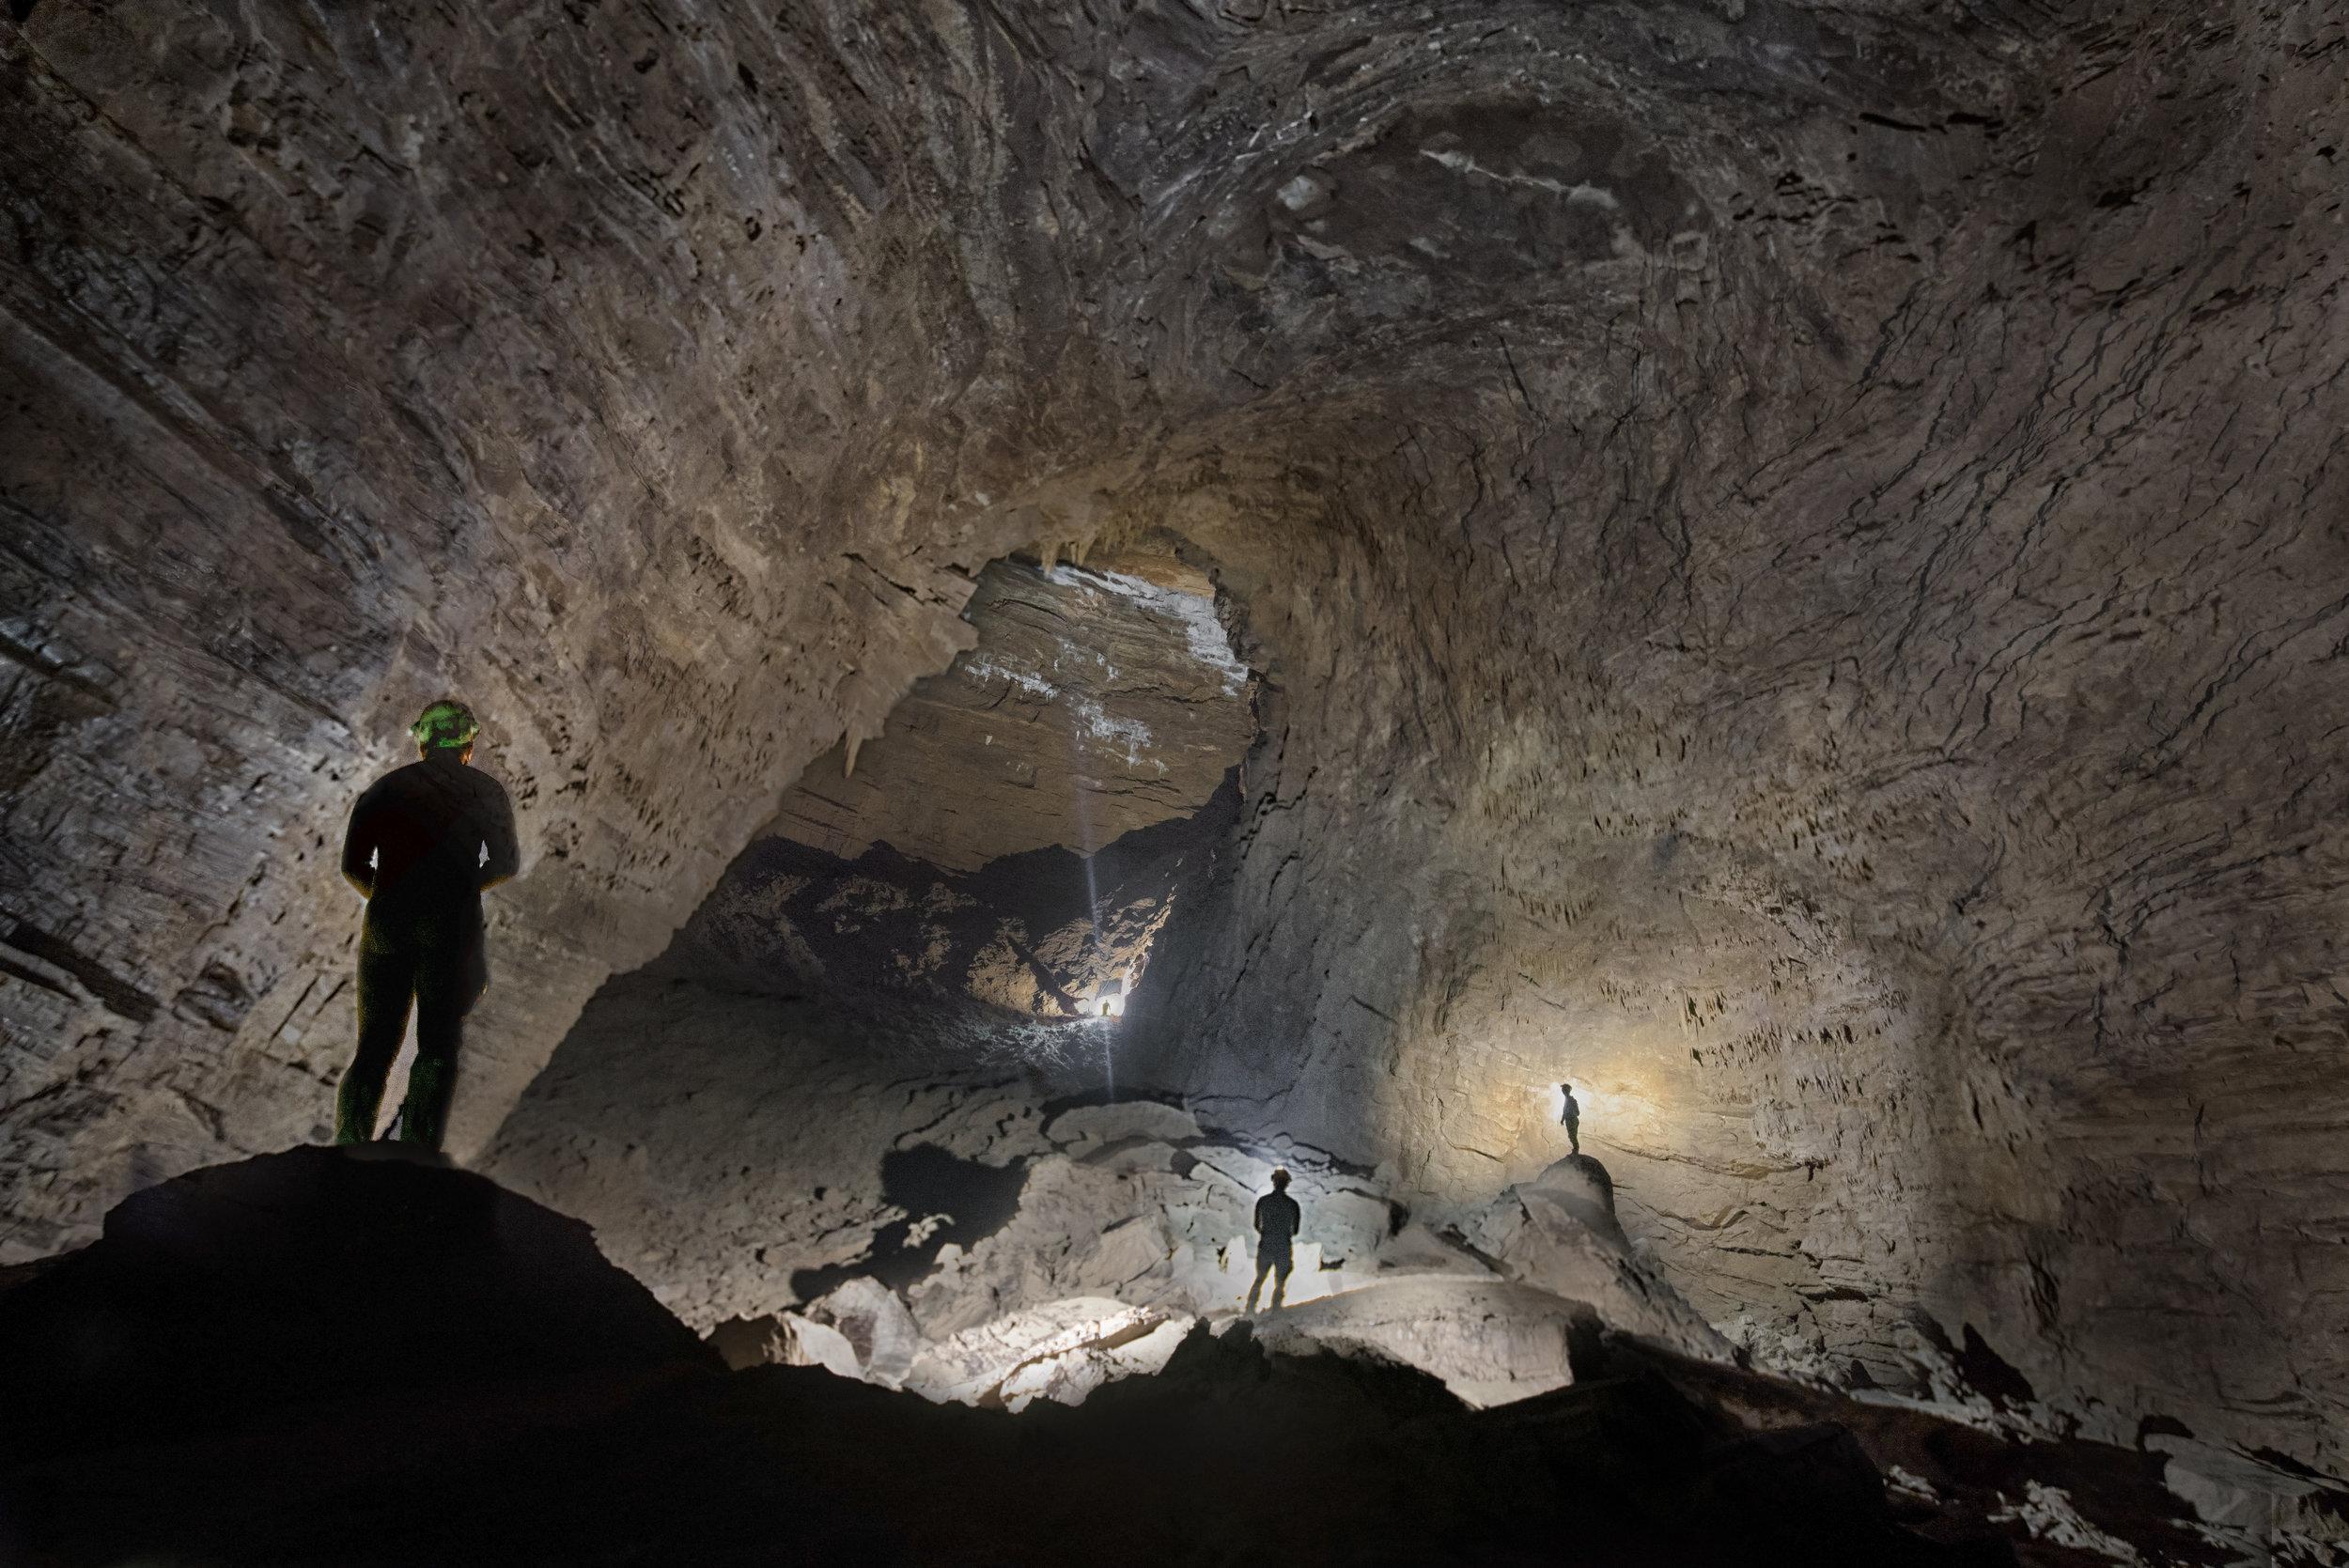 cueva-de-la-pena-colorada_27344741418_o.jpg